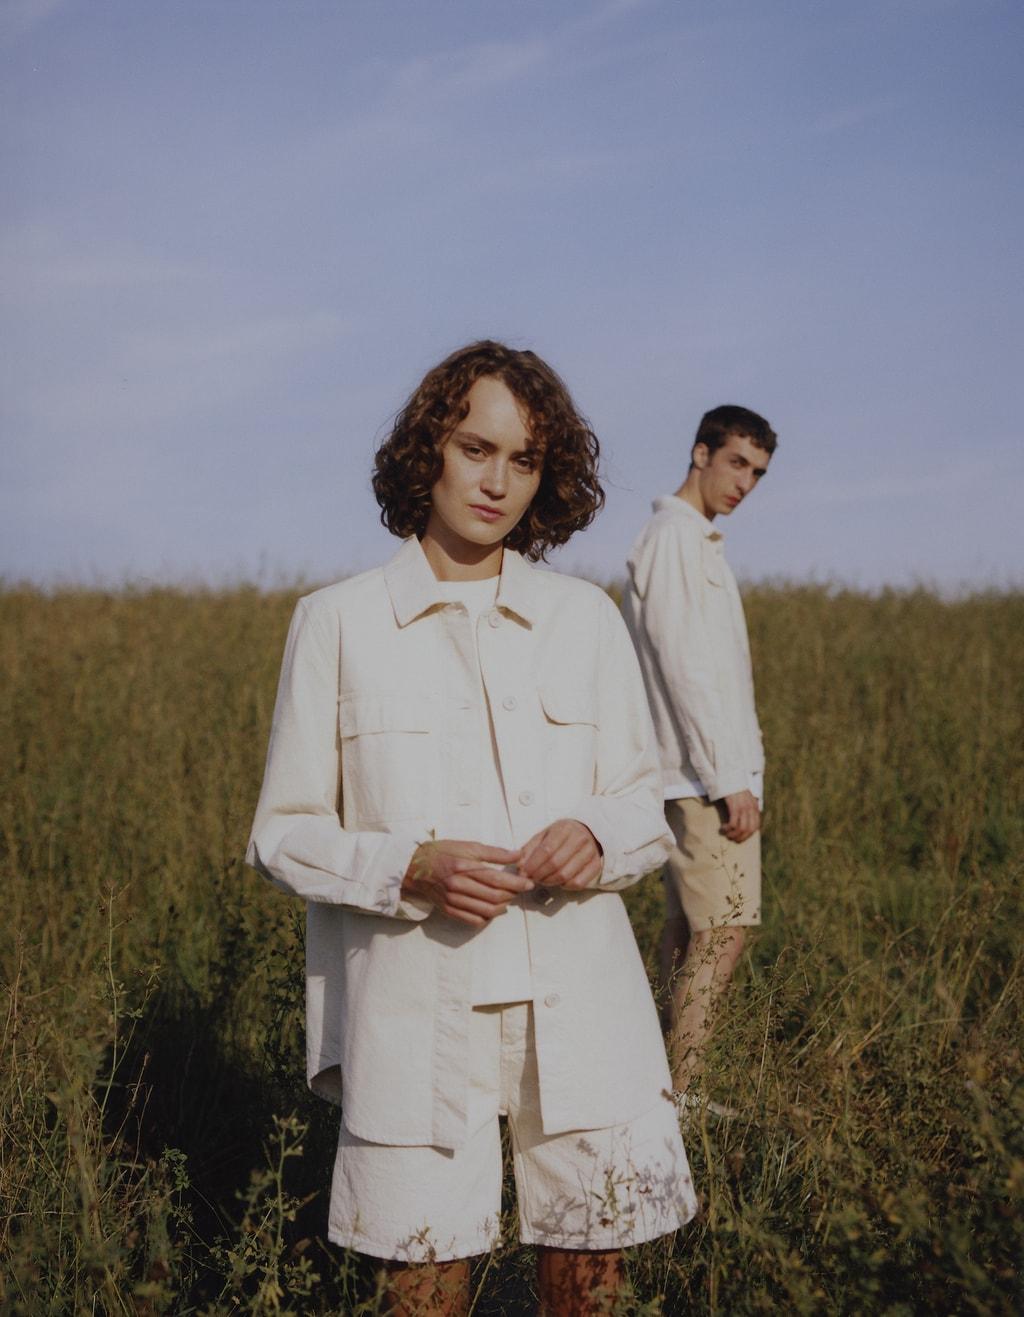 Jong stel in een veld met milieuvriendelijke mode uit Duitsland